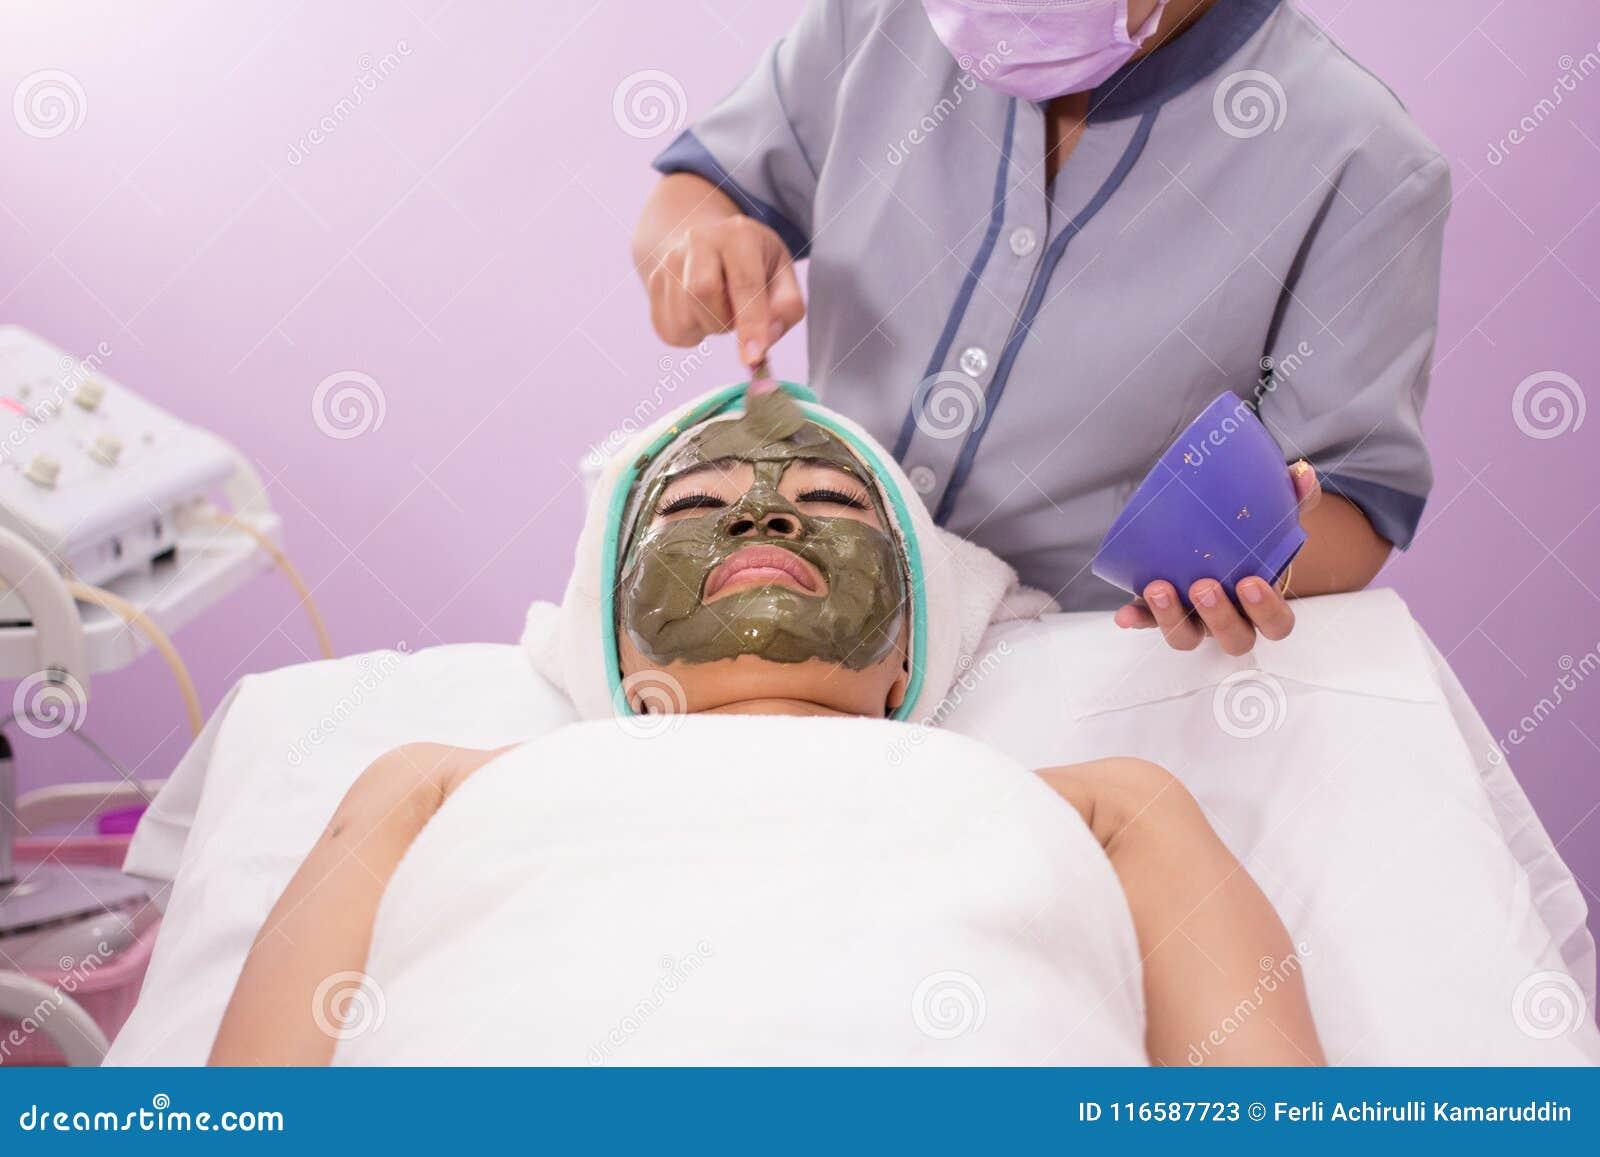 Frau, die Gesichtsernährungsmas erhält